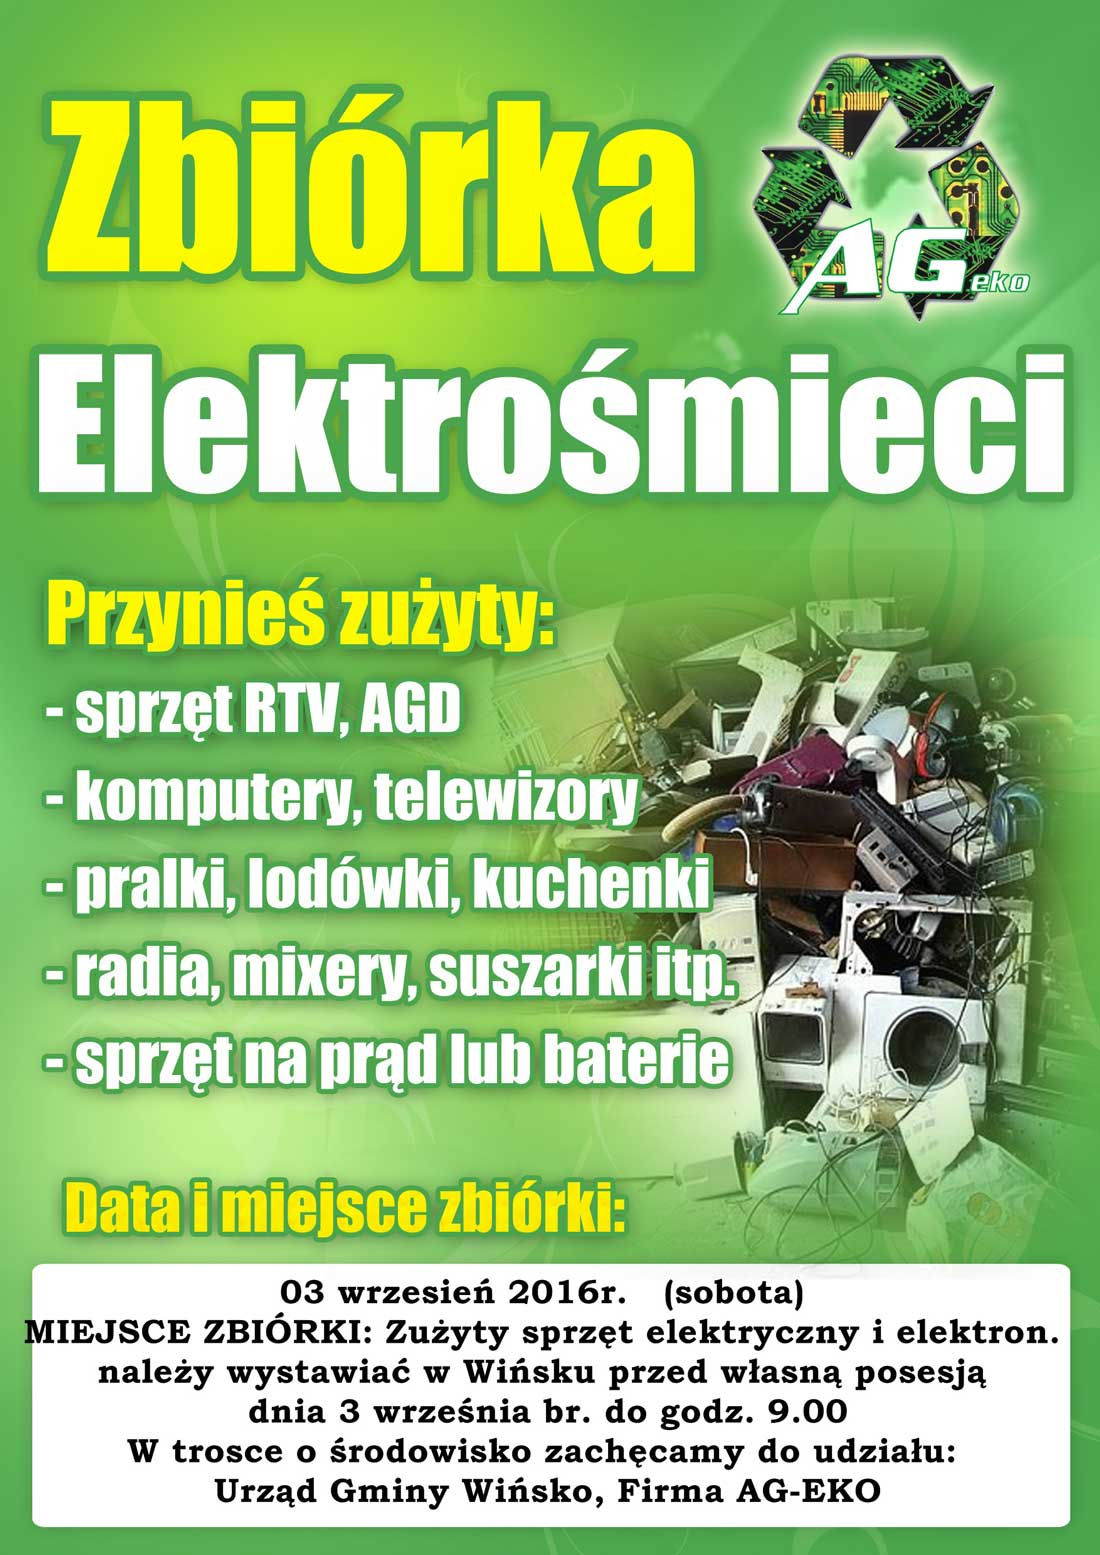 Zbiórka elektrośmieci w Wińsku - wrzesnia